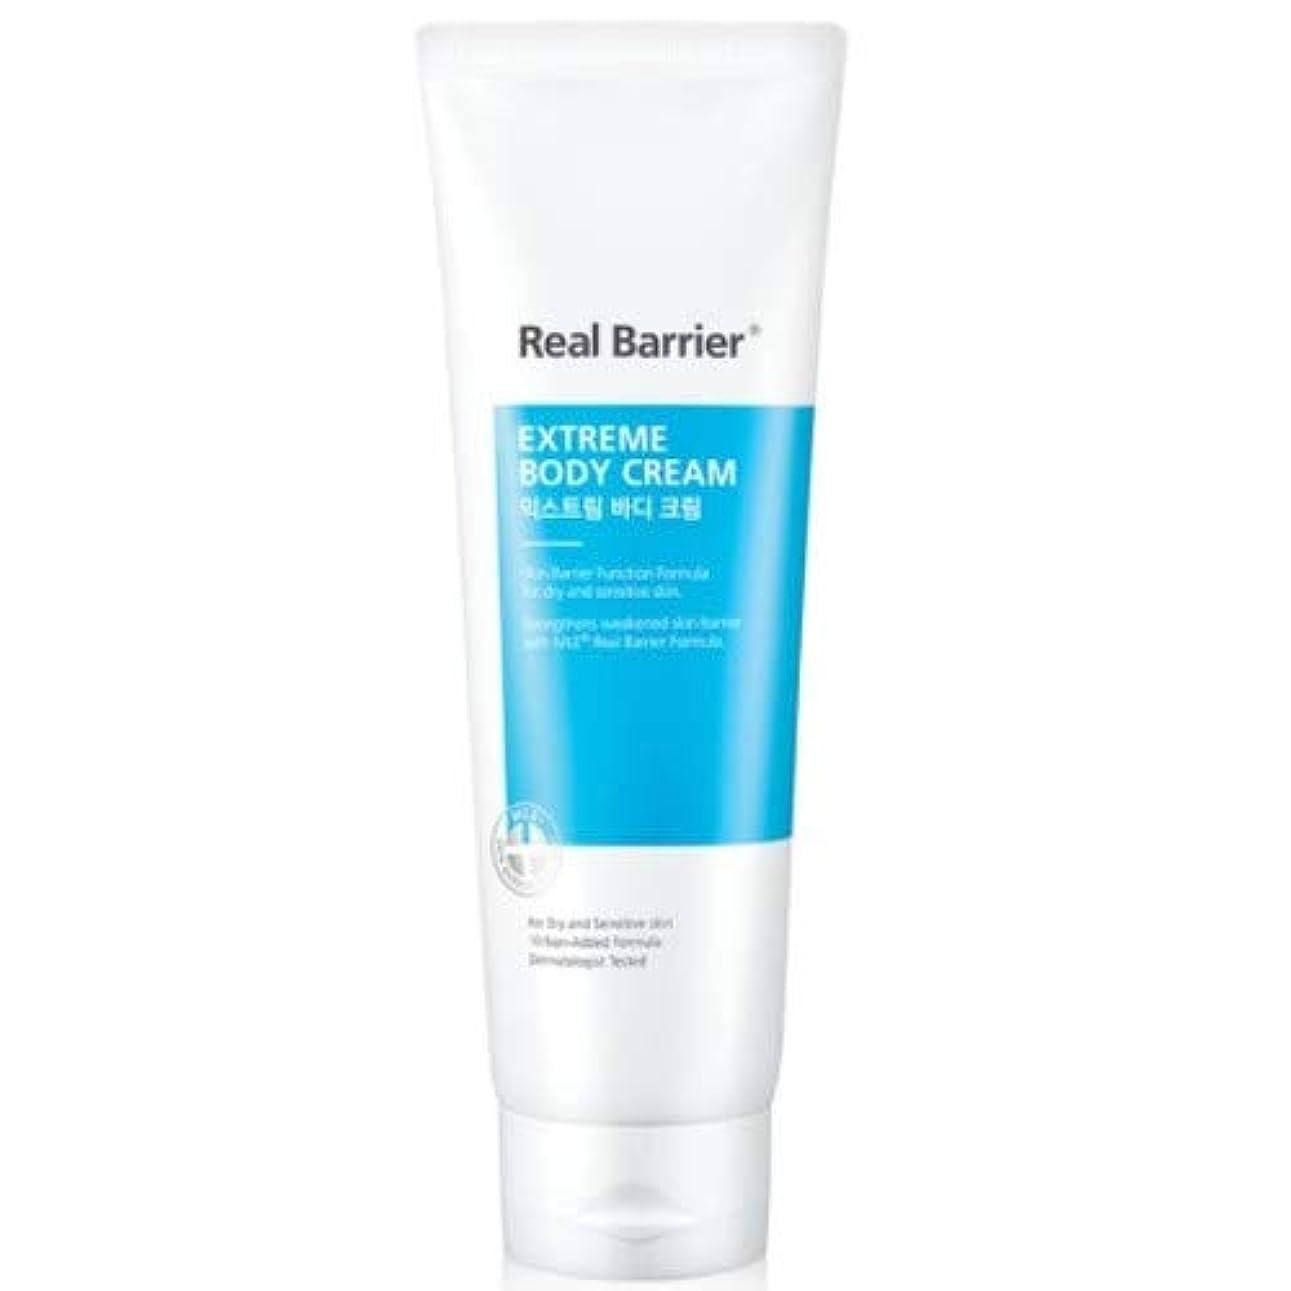 アサー午後アサーATOPALM Real Barrier?エクストリームボディークリーム250g / ATOPALM Real Barrier Extreme Body Cream [並行輸入品]